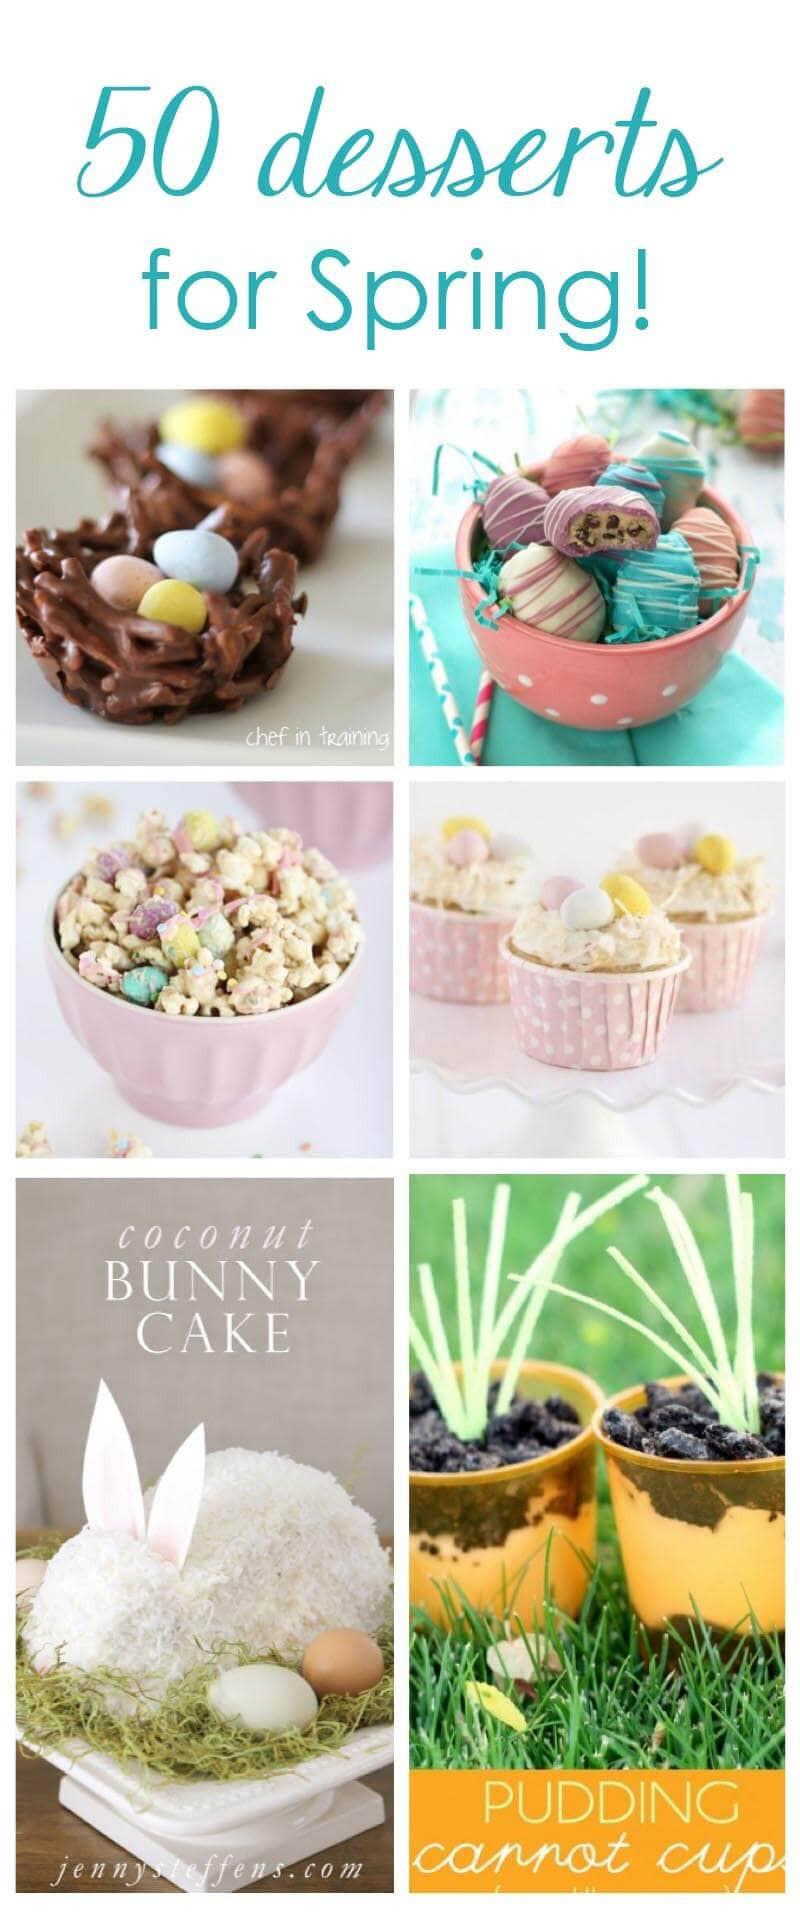 Popular Easter Desserts  50 Easter desserts